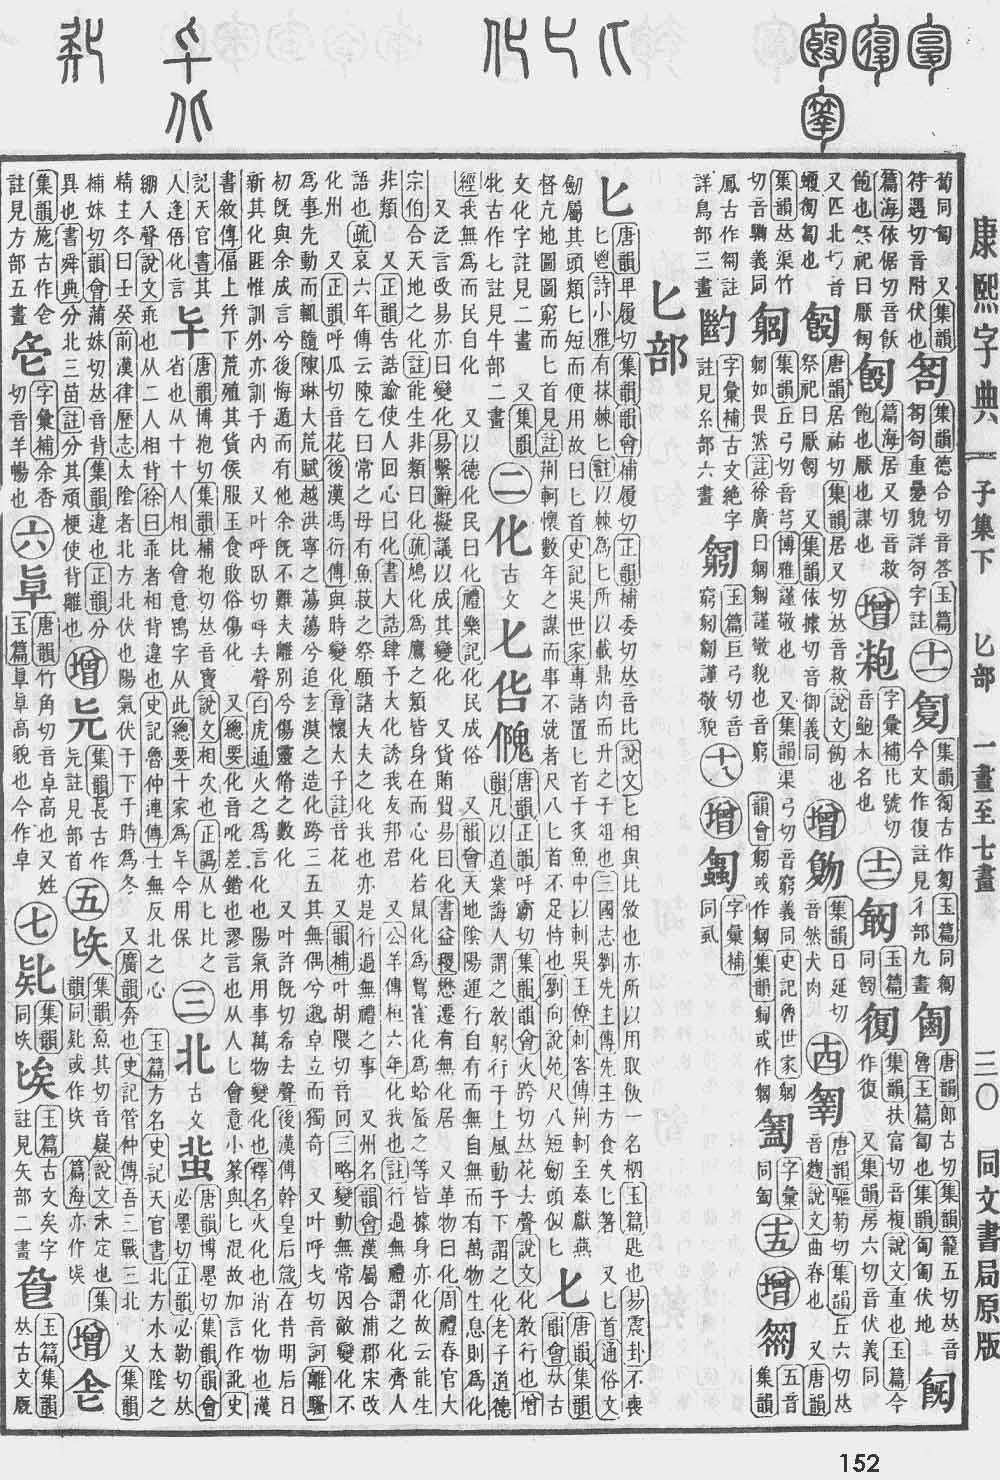 《康熙字典》第152页